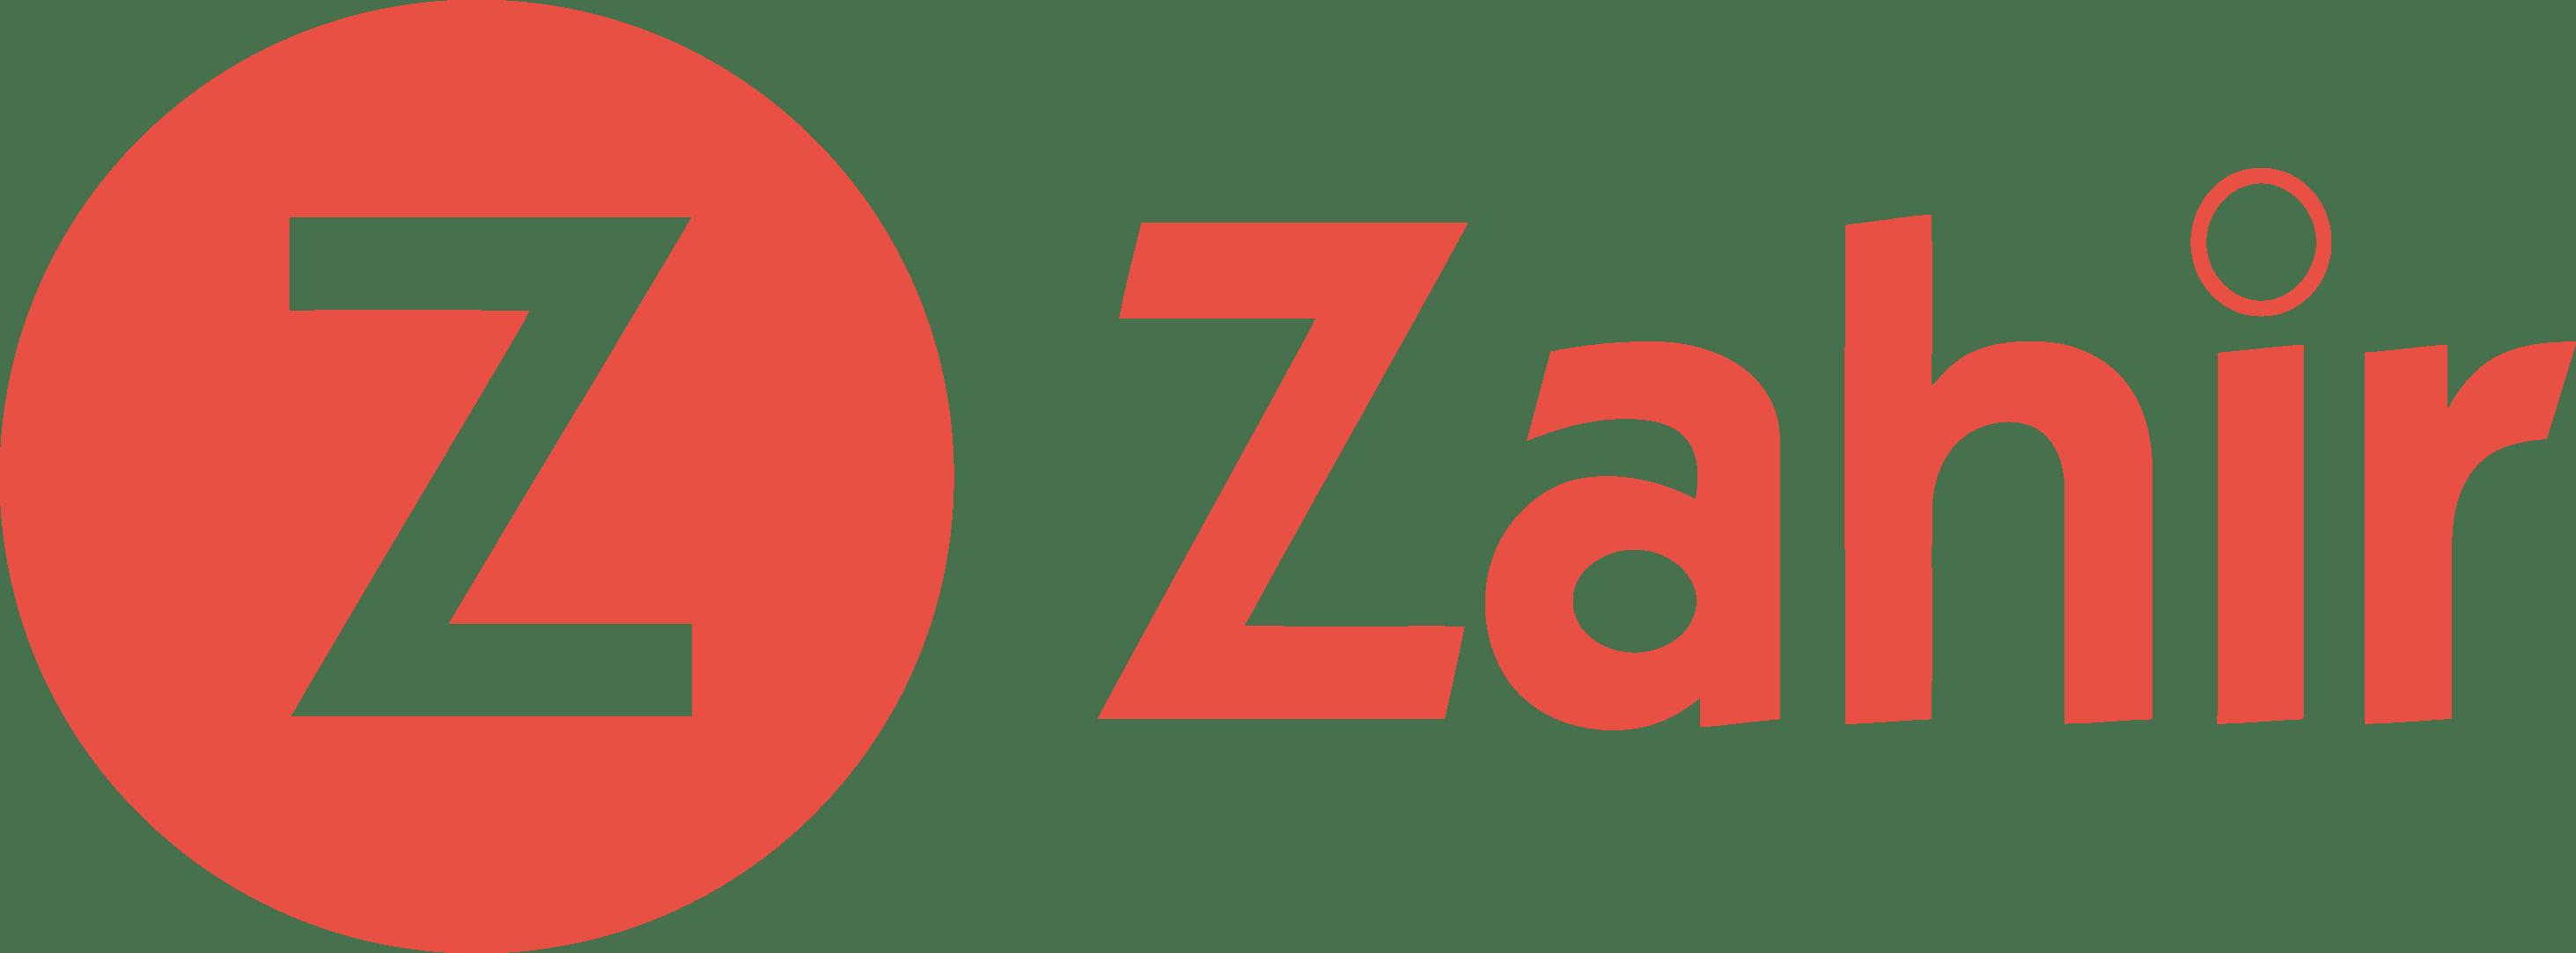 Tentang Zahir - Software Akuntansi Terbaik Zahir Accounting